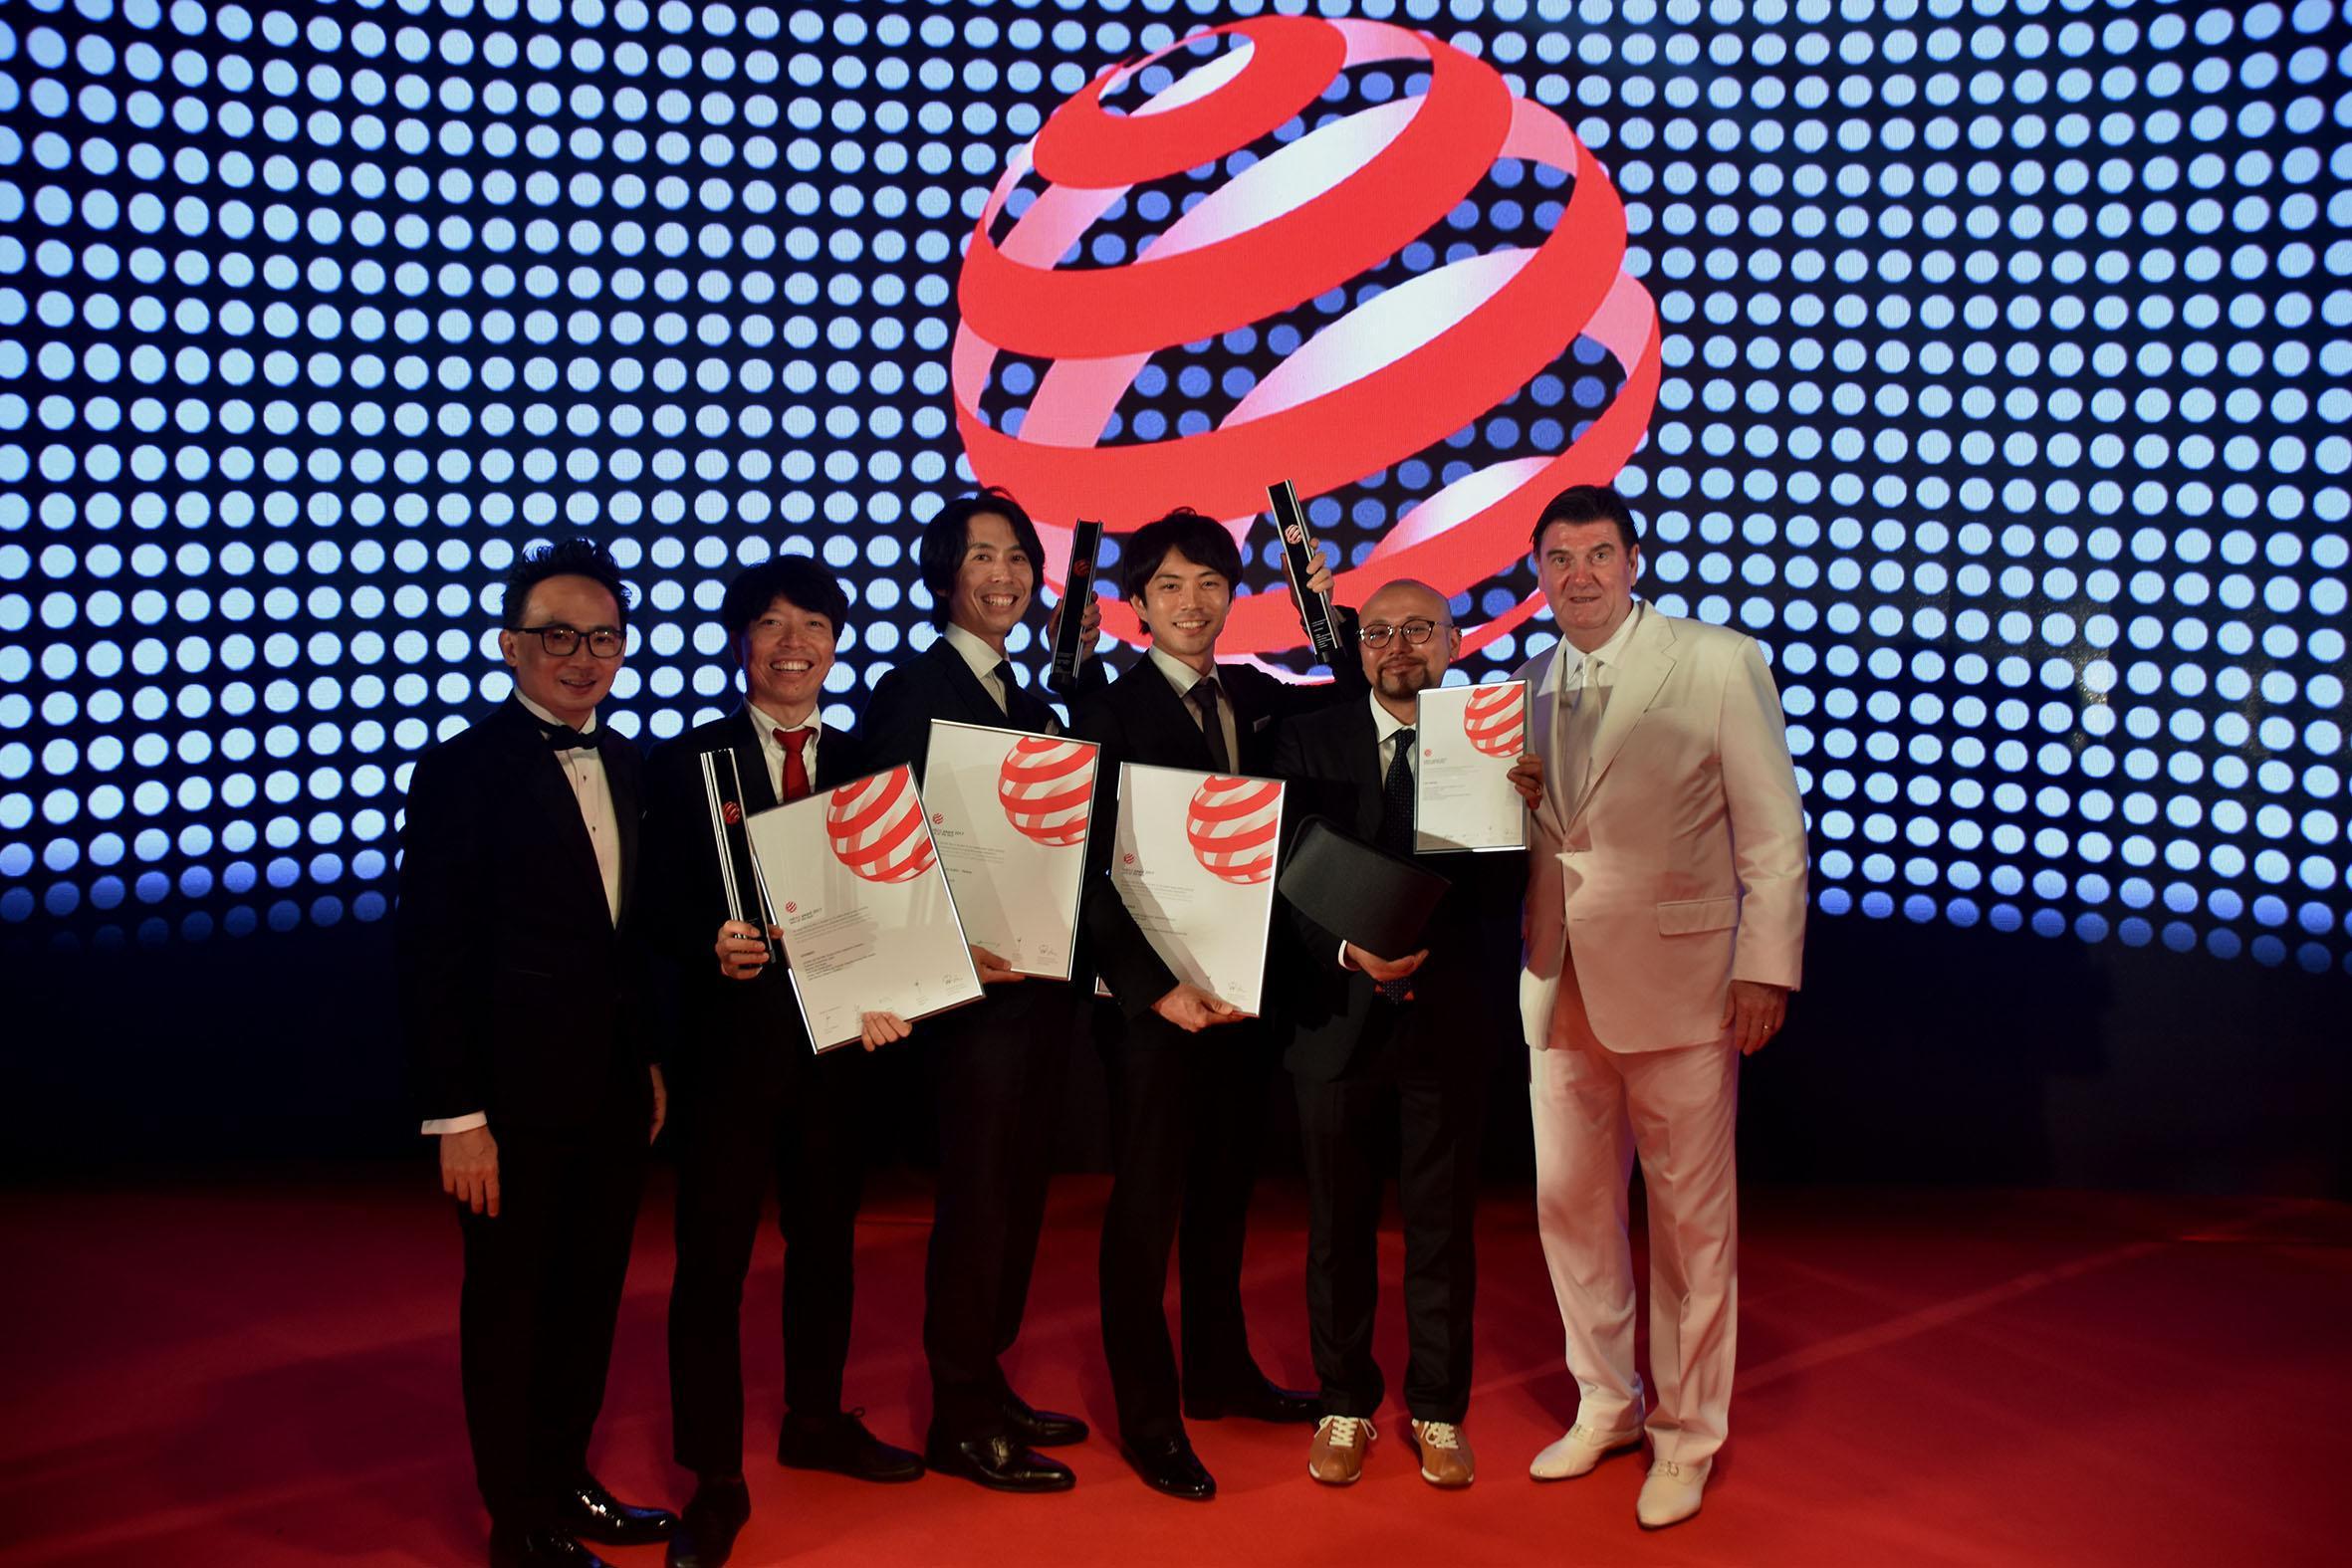 photo: Red Dot Award Ceremony